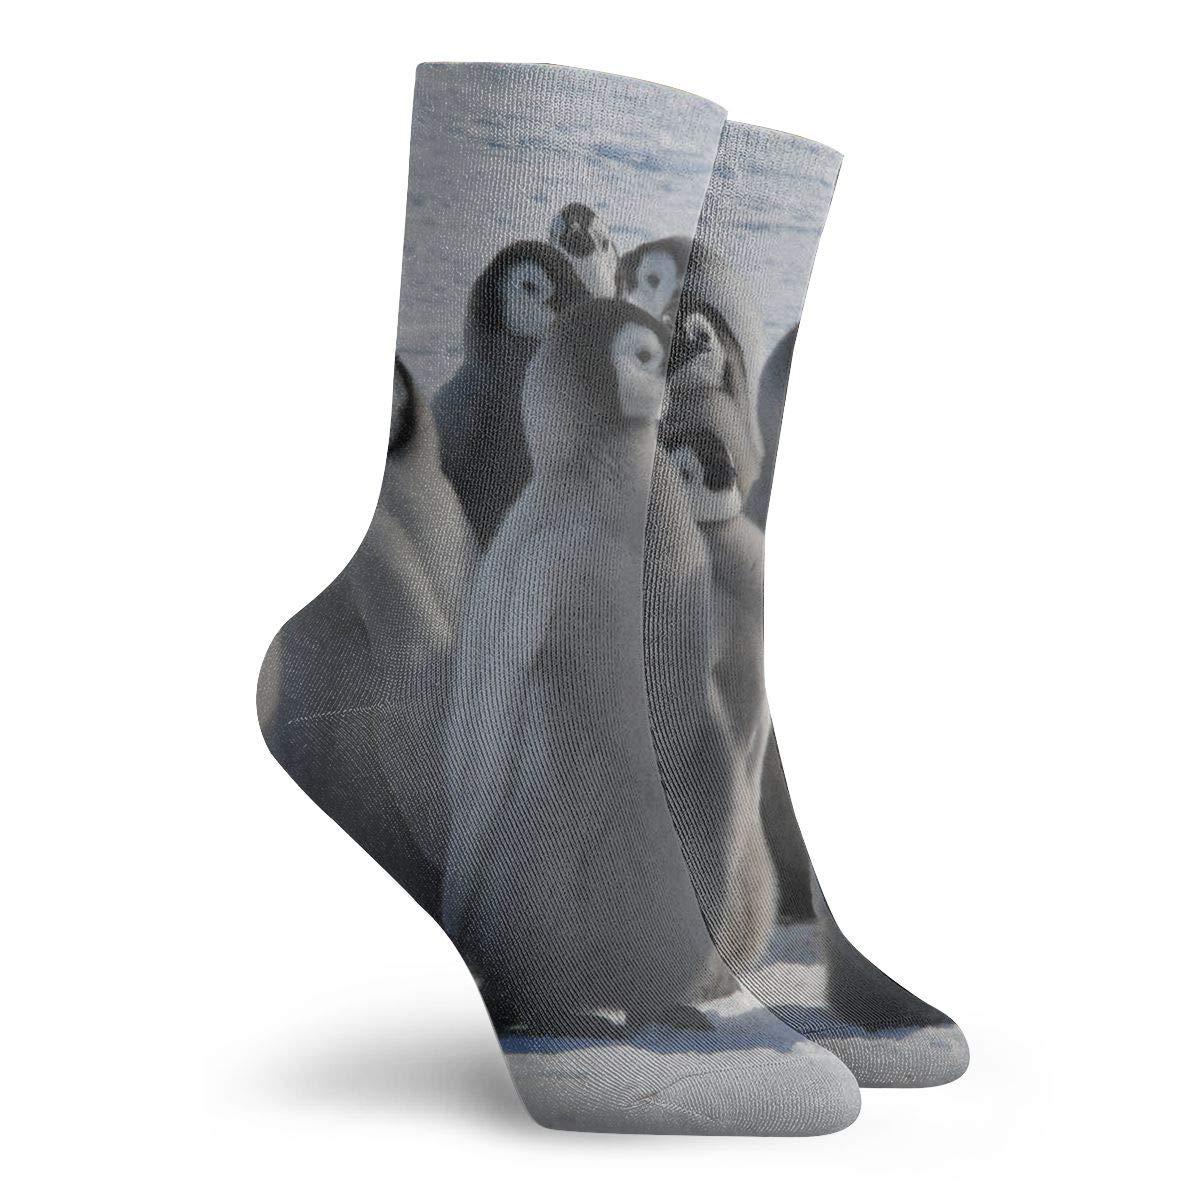 Kids Women SuBenSM Cute Baby Penguins Ankle Socks Casual Cozy Crew Socks for Men